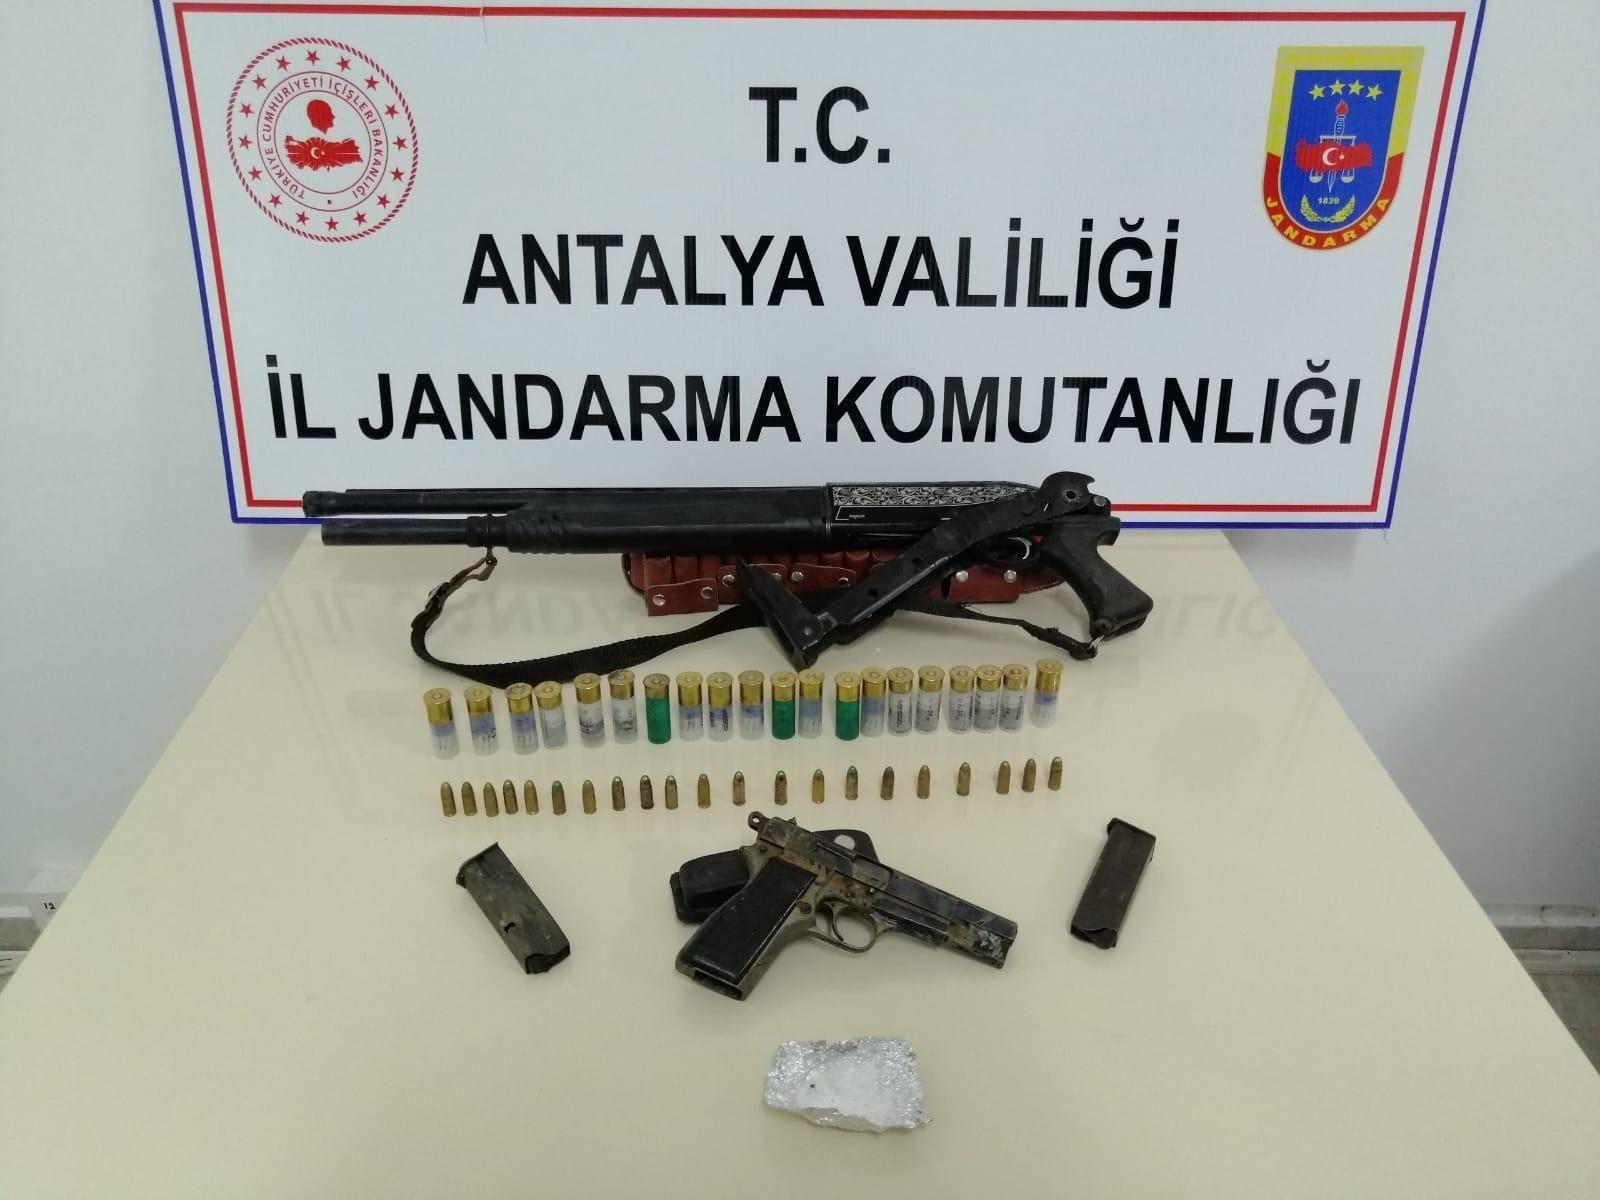 Kontrol Esnasında  kamyonette birer adet tüfek, tabanca ve uyuşturucu madde ele geçirildi